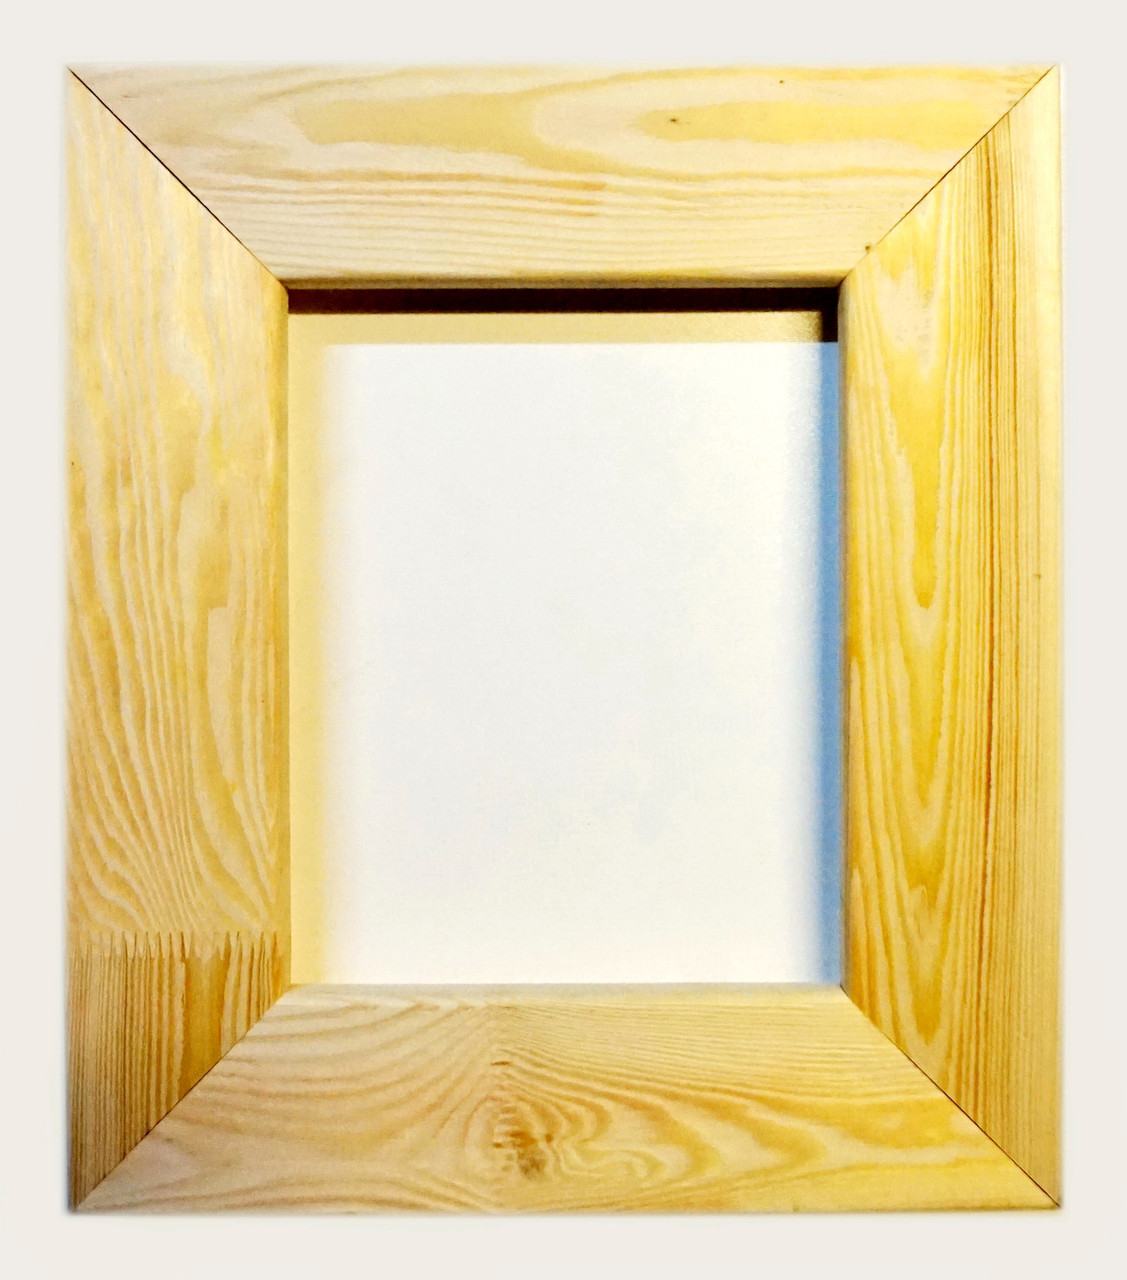 Рамка деревянная плоская с брашировкой под дуб шириной 75мм для декора.40х40см